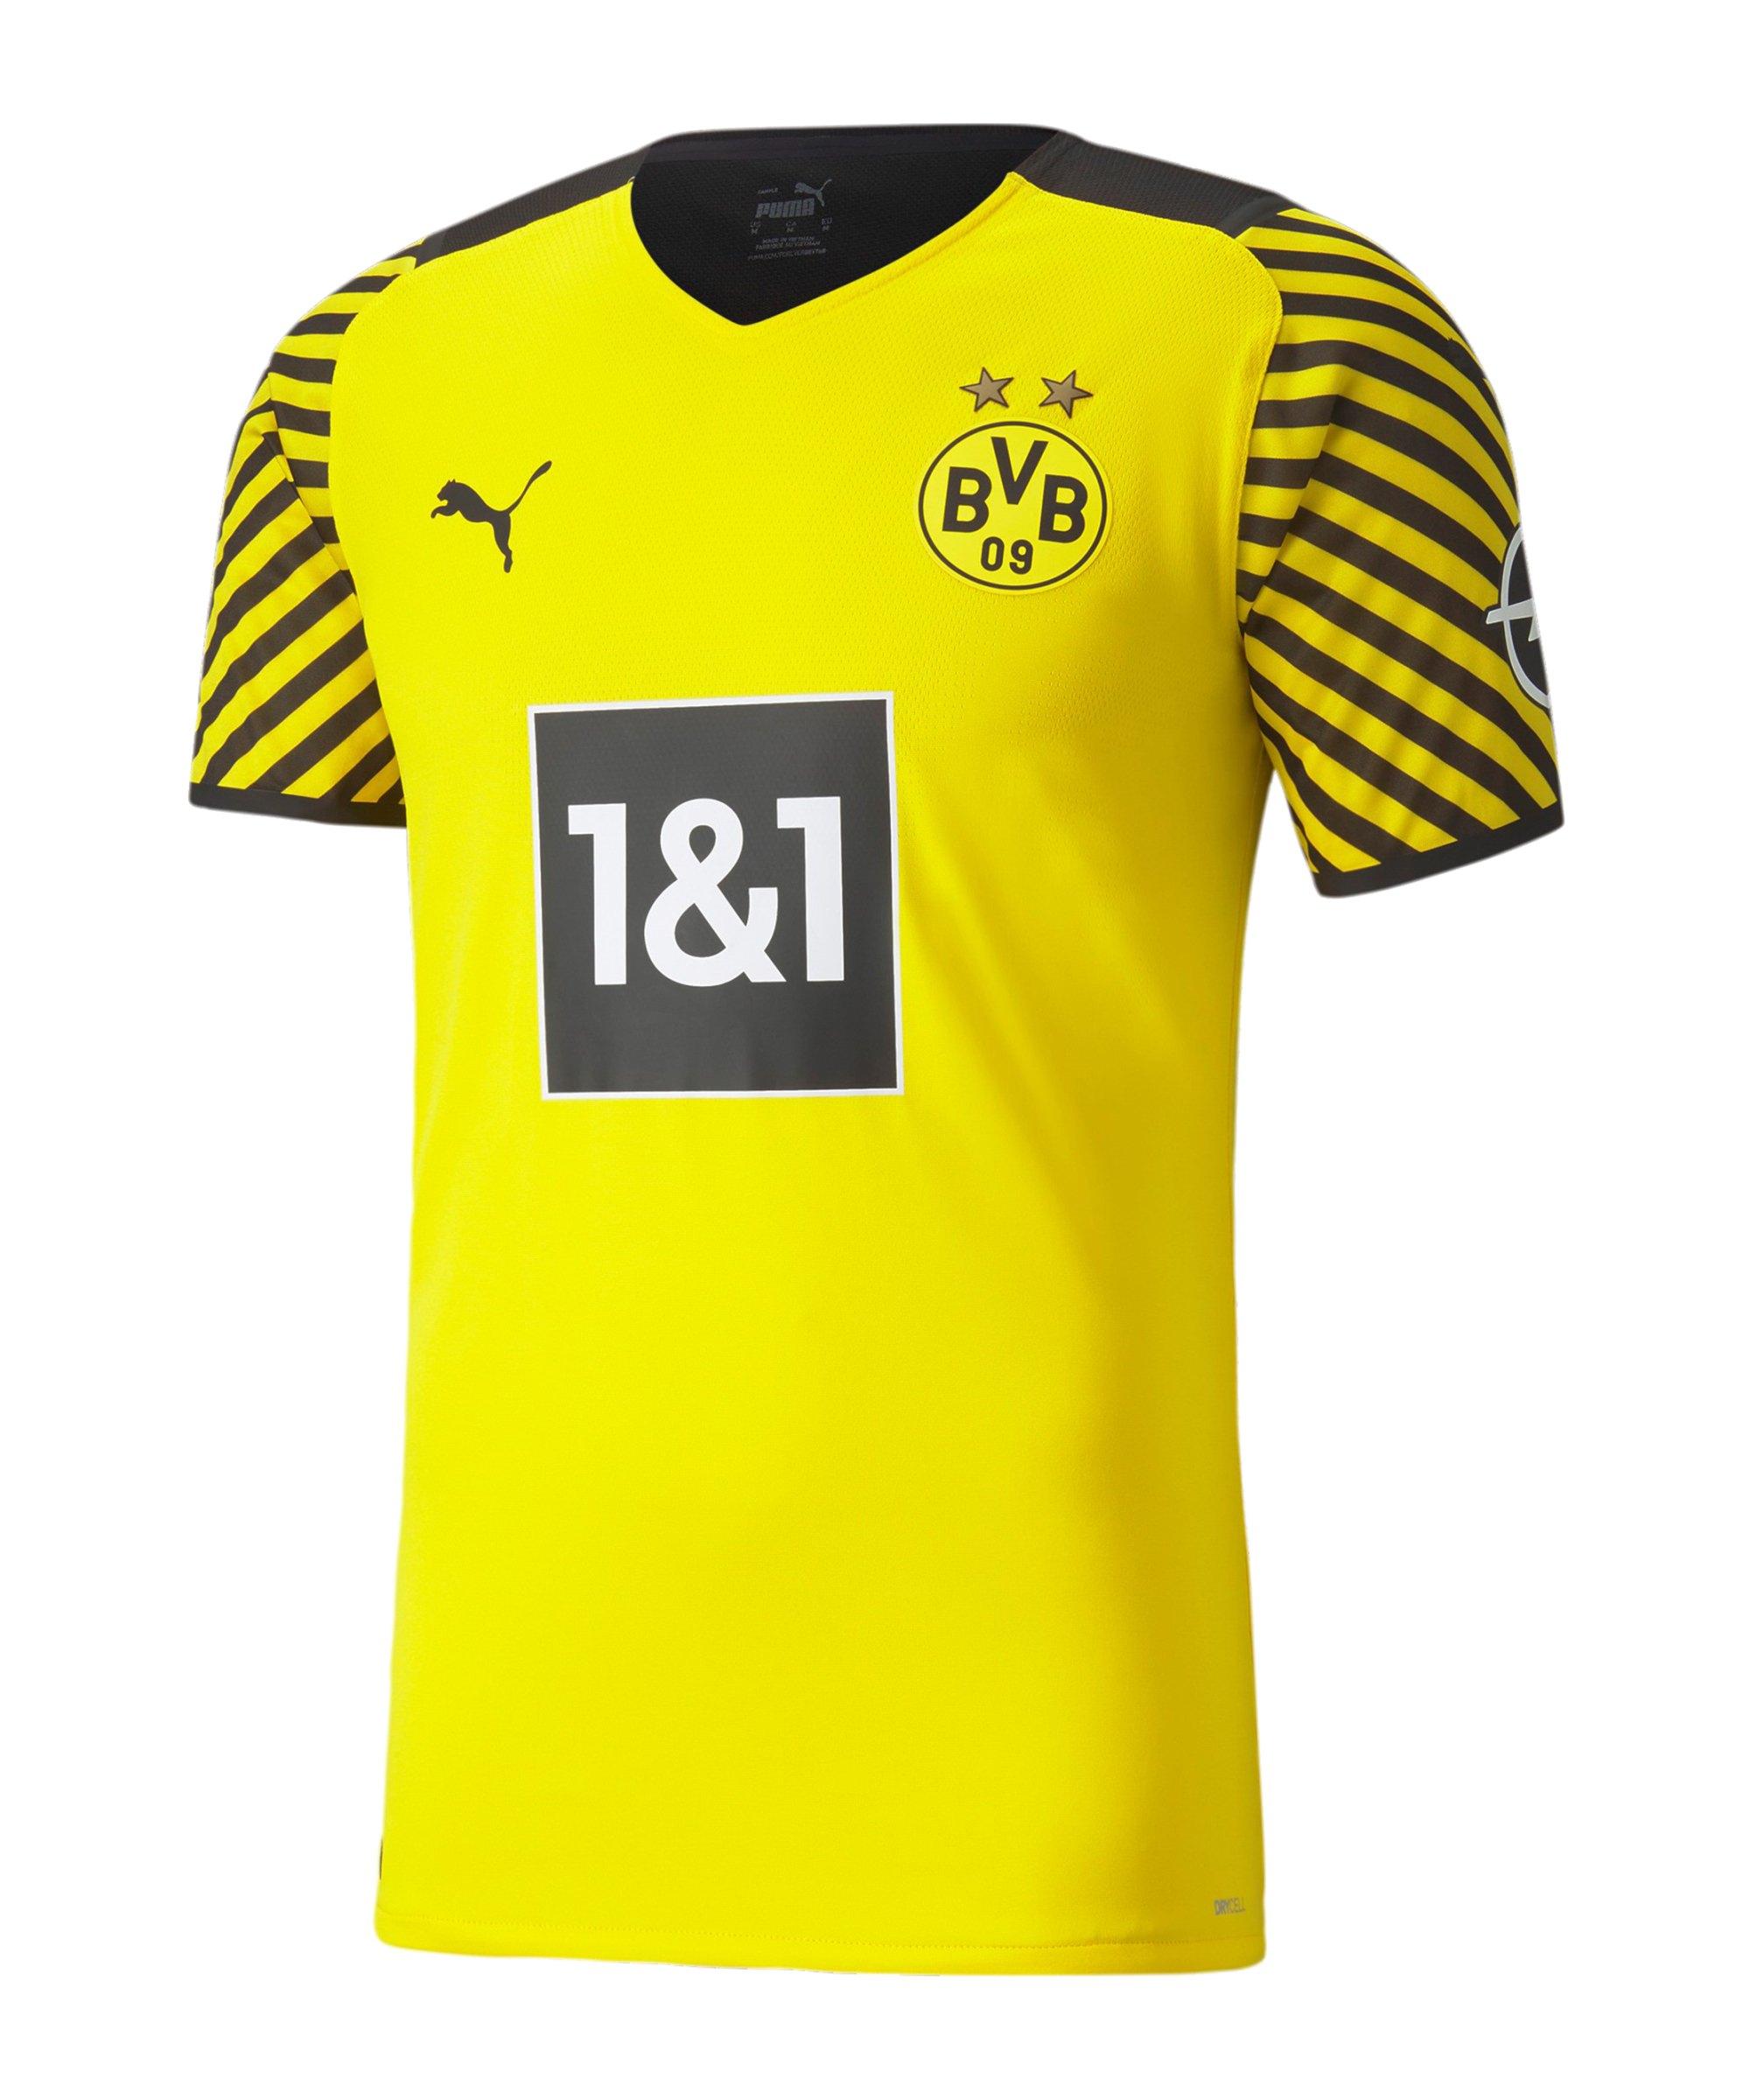 PUMA BVB Dortmund Auth.Trikot Home 2021/2022 Gelb Schwarz F01 - gelb